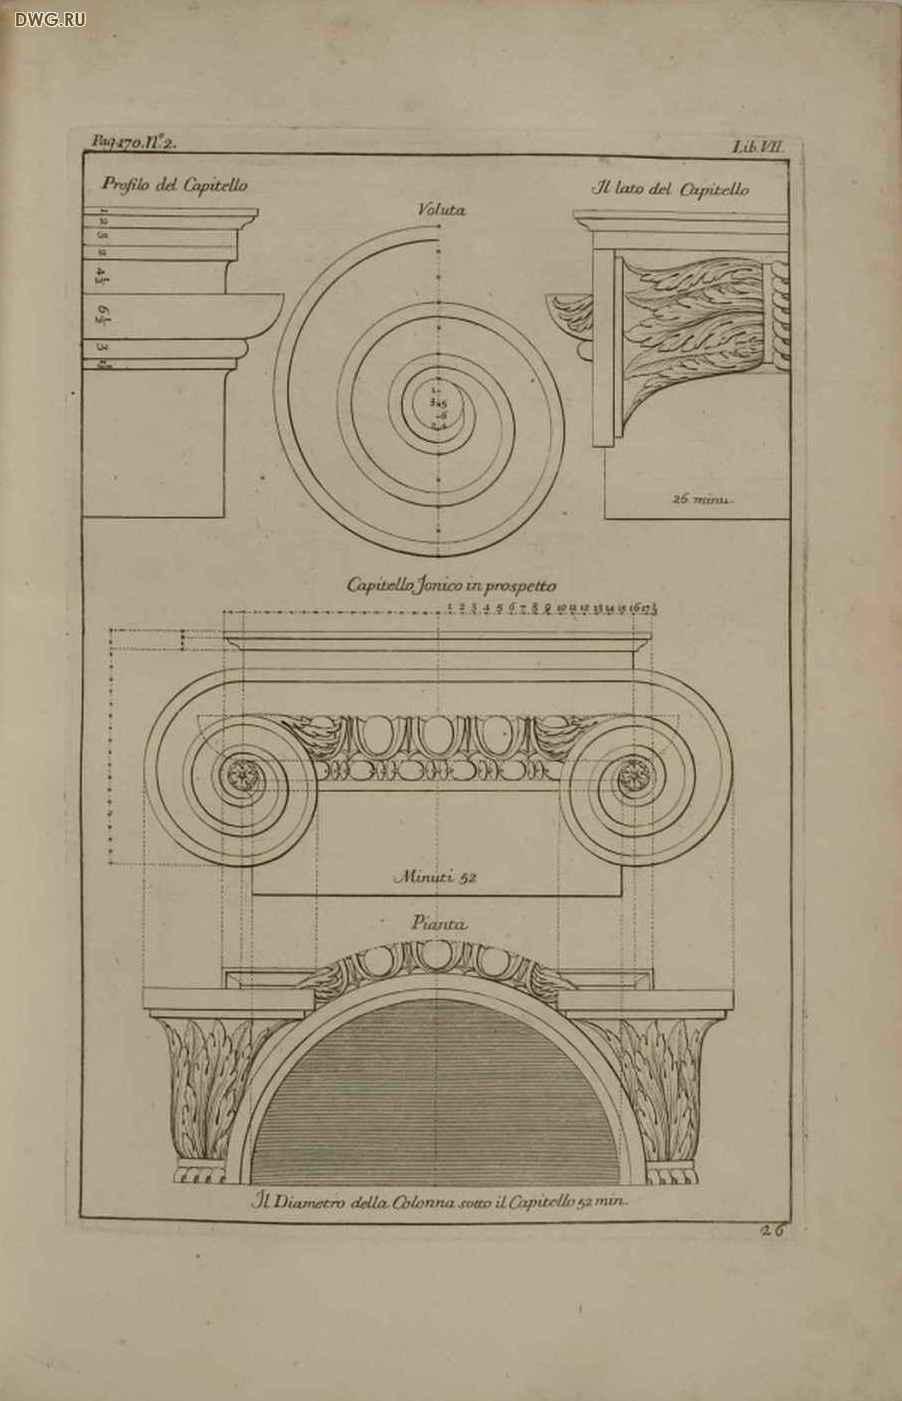 Витрувий 10 книг об архитектуре скачать бесплатно